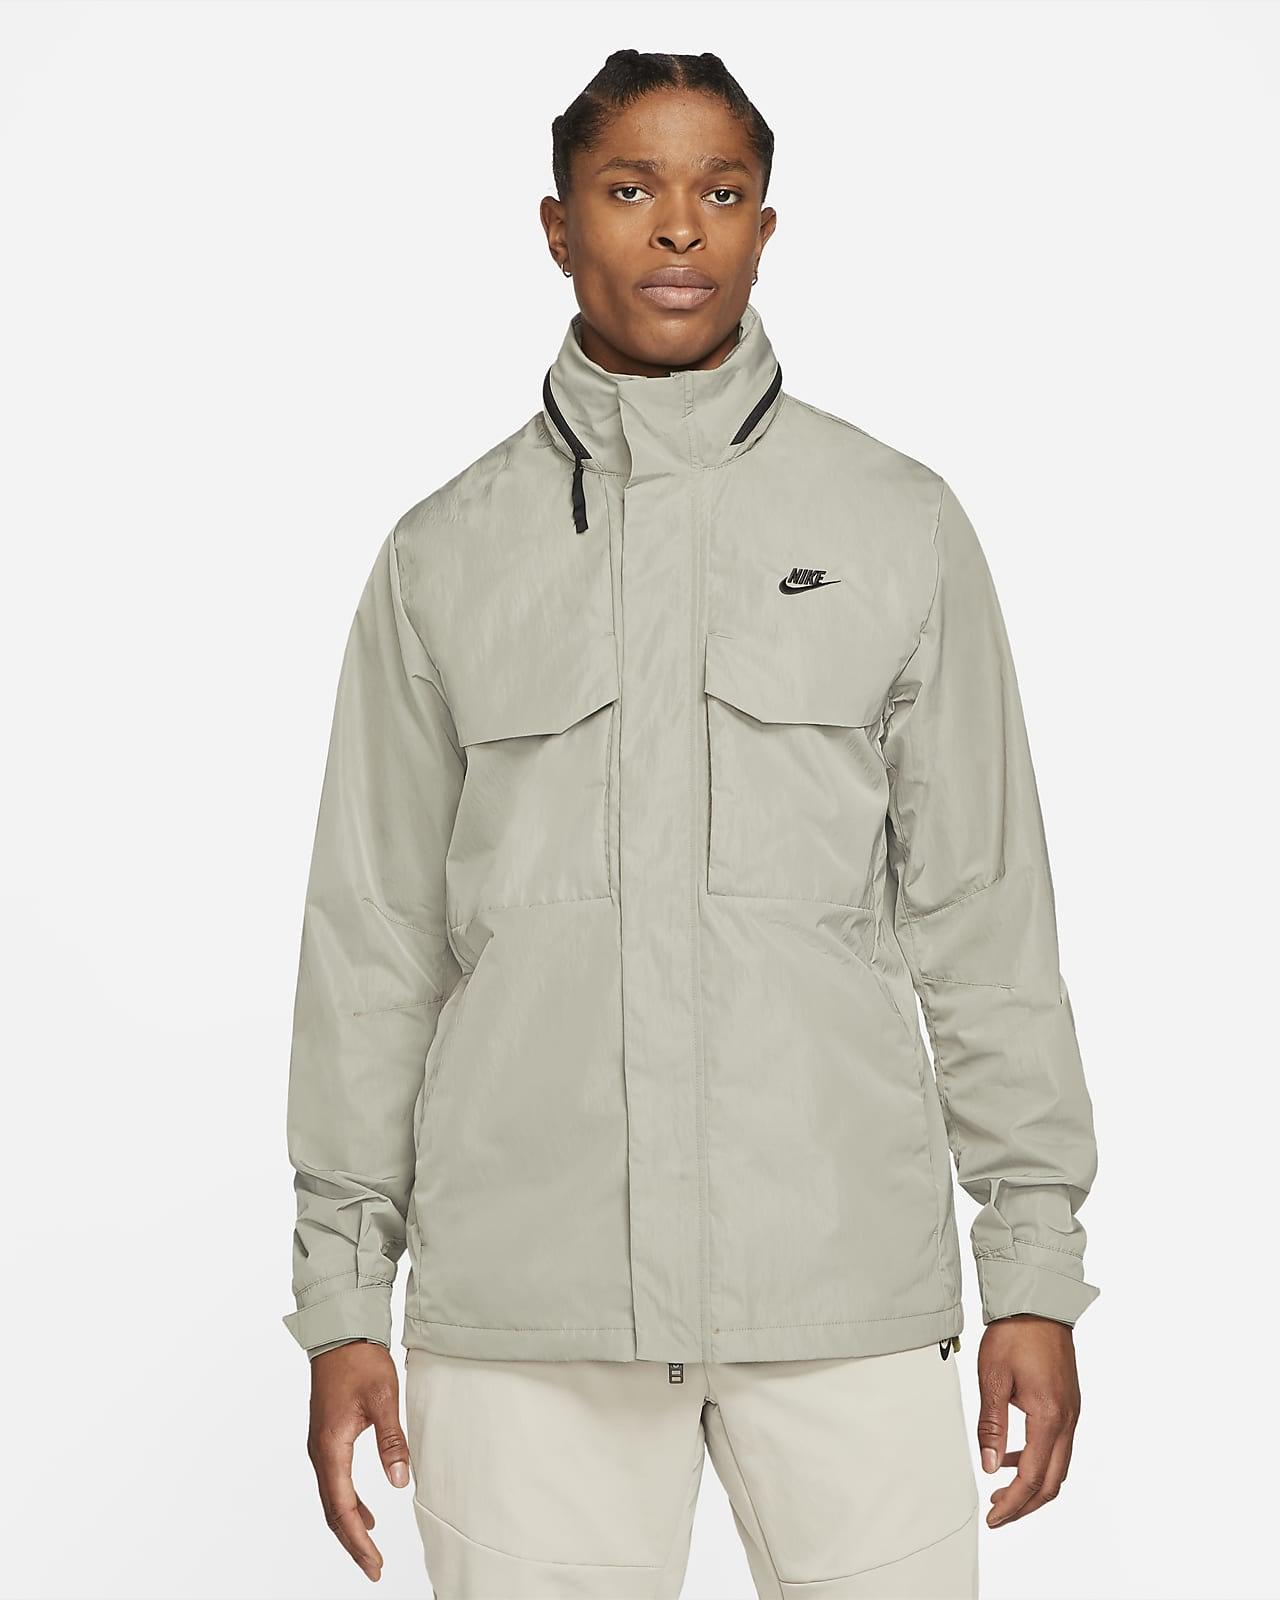 Abrigo Nike M65 con capucha hombre